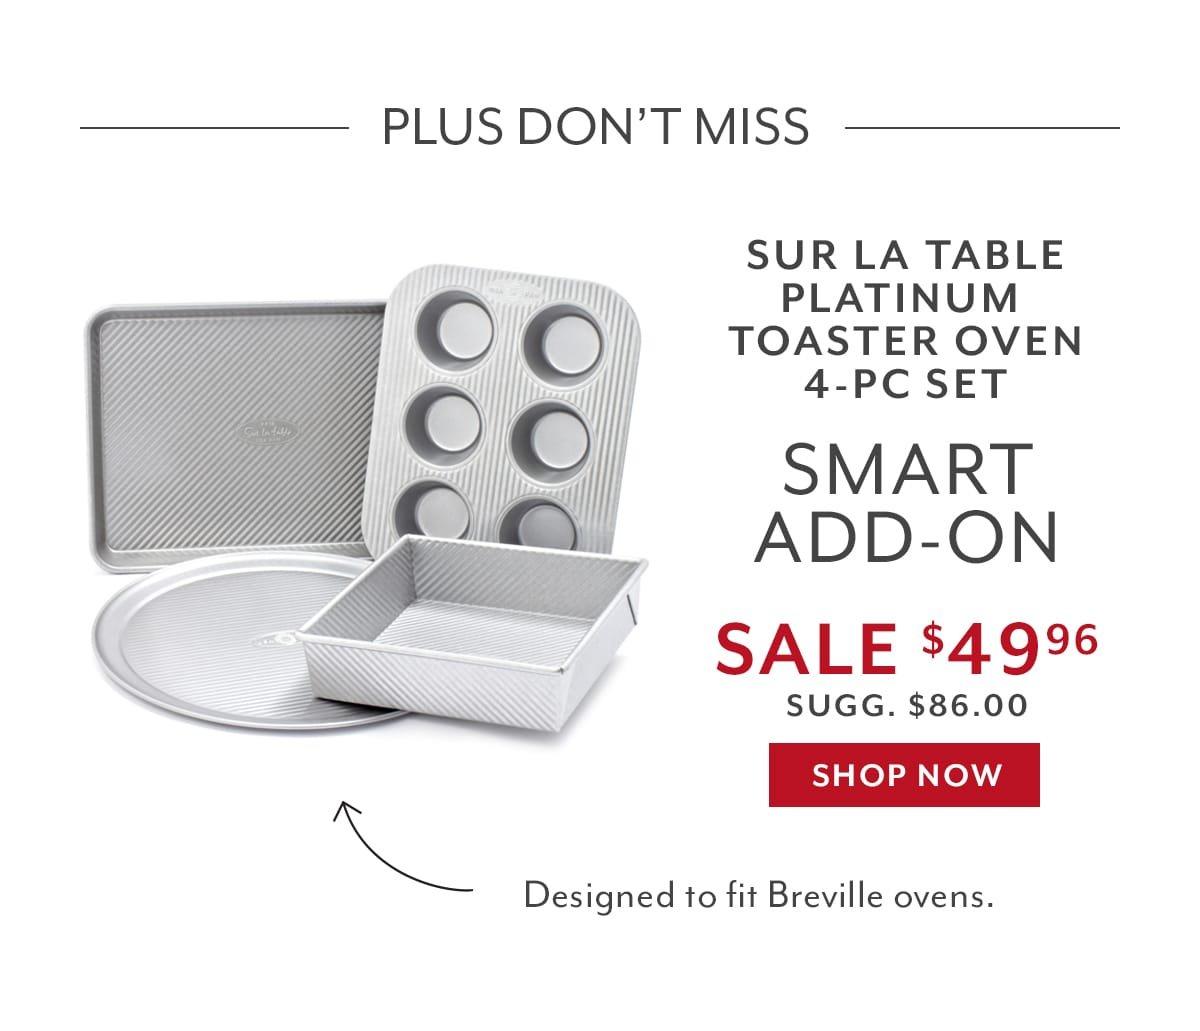 Sur La Table Platinum Toaster Oven 4-PC Set